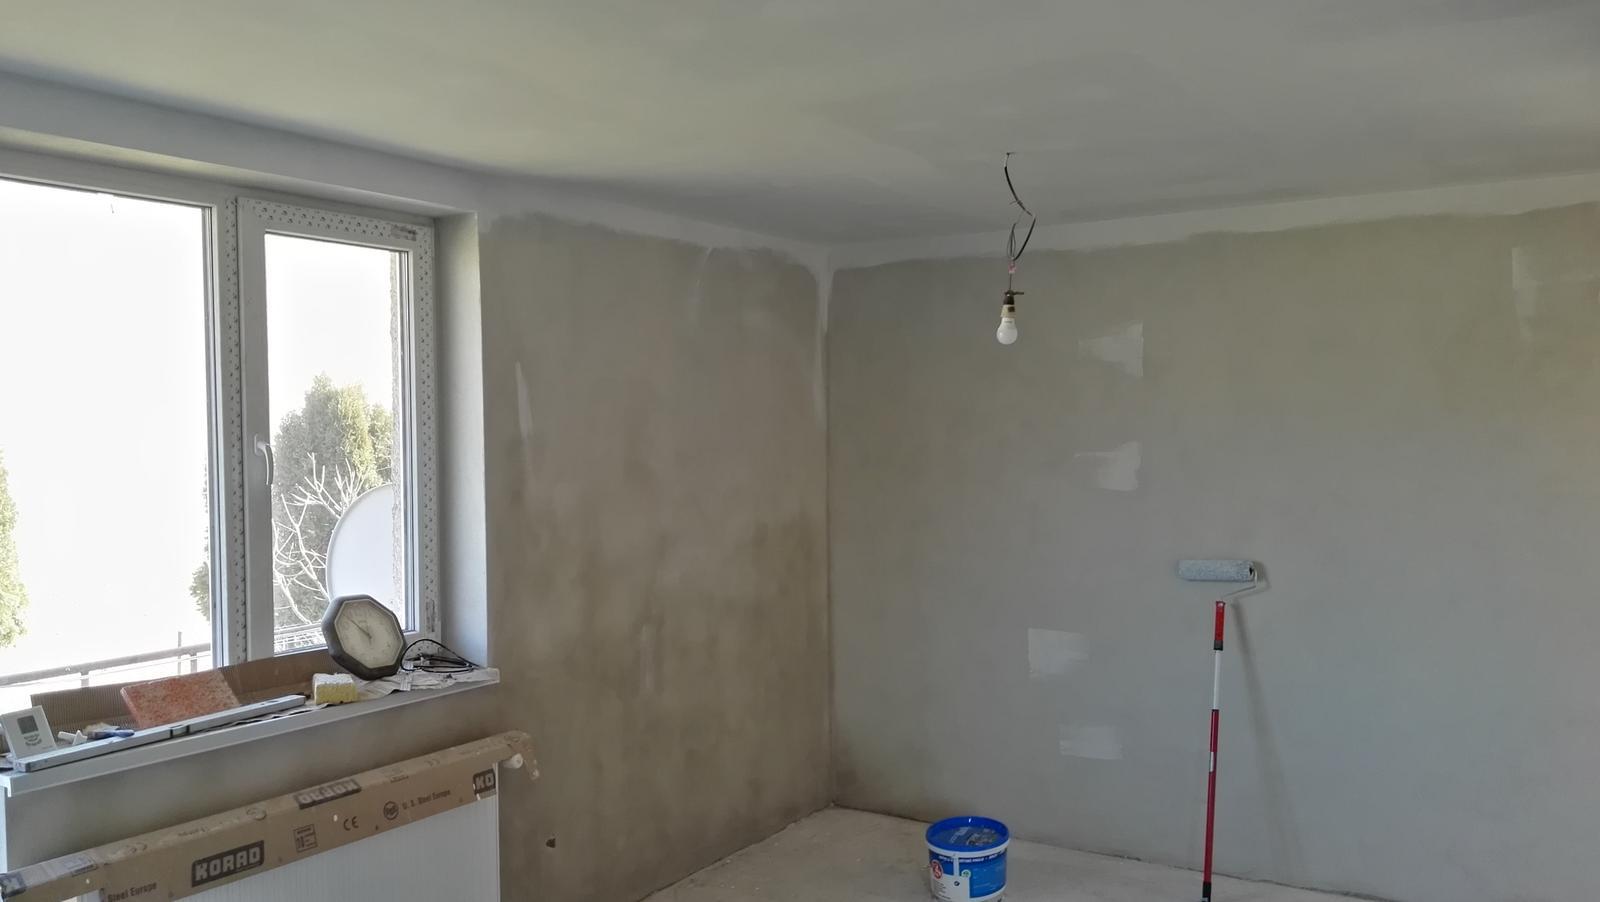 Projekt: Nové bývanie ... - ... začali sme maľovať ...